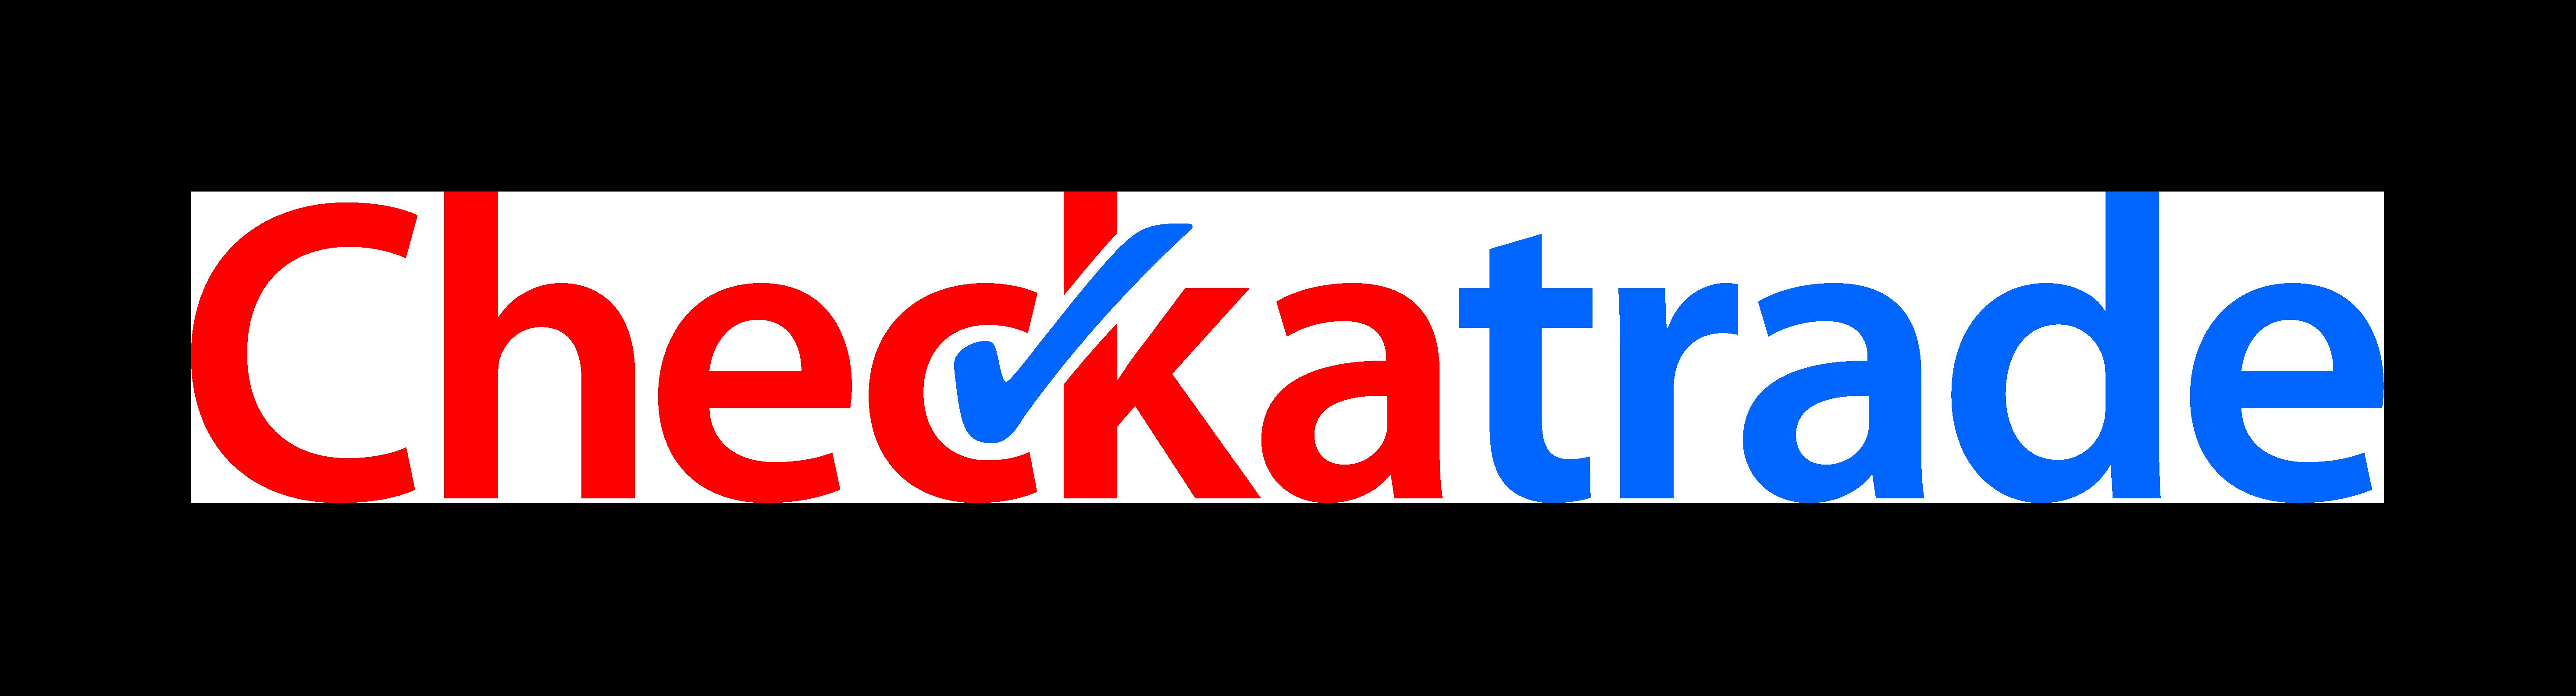 checkatrade logo cornwall